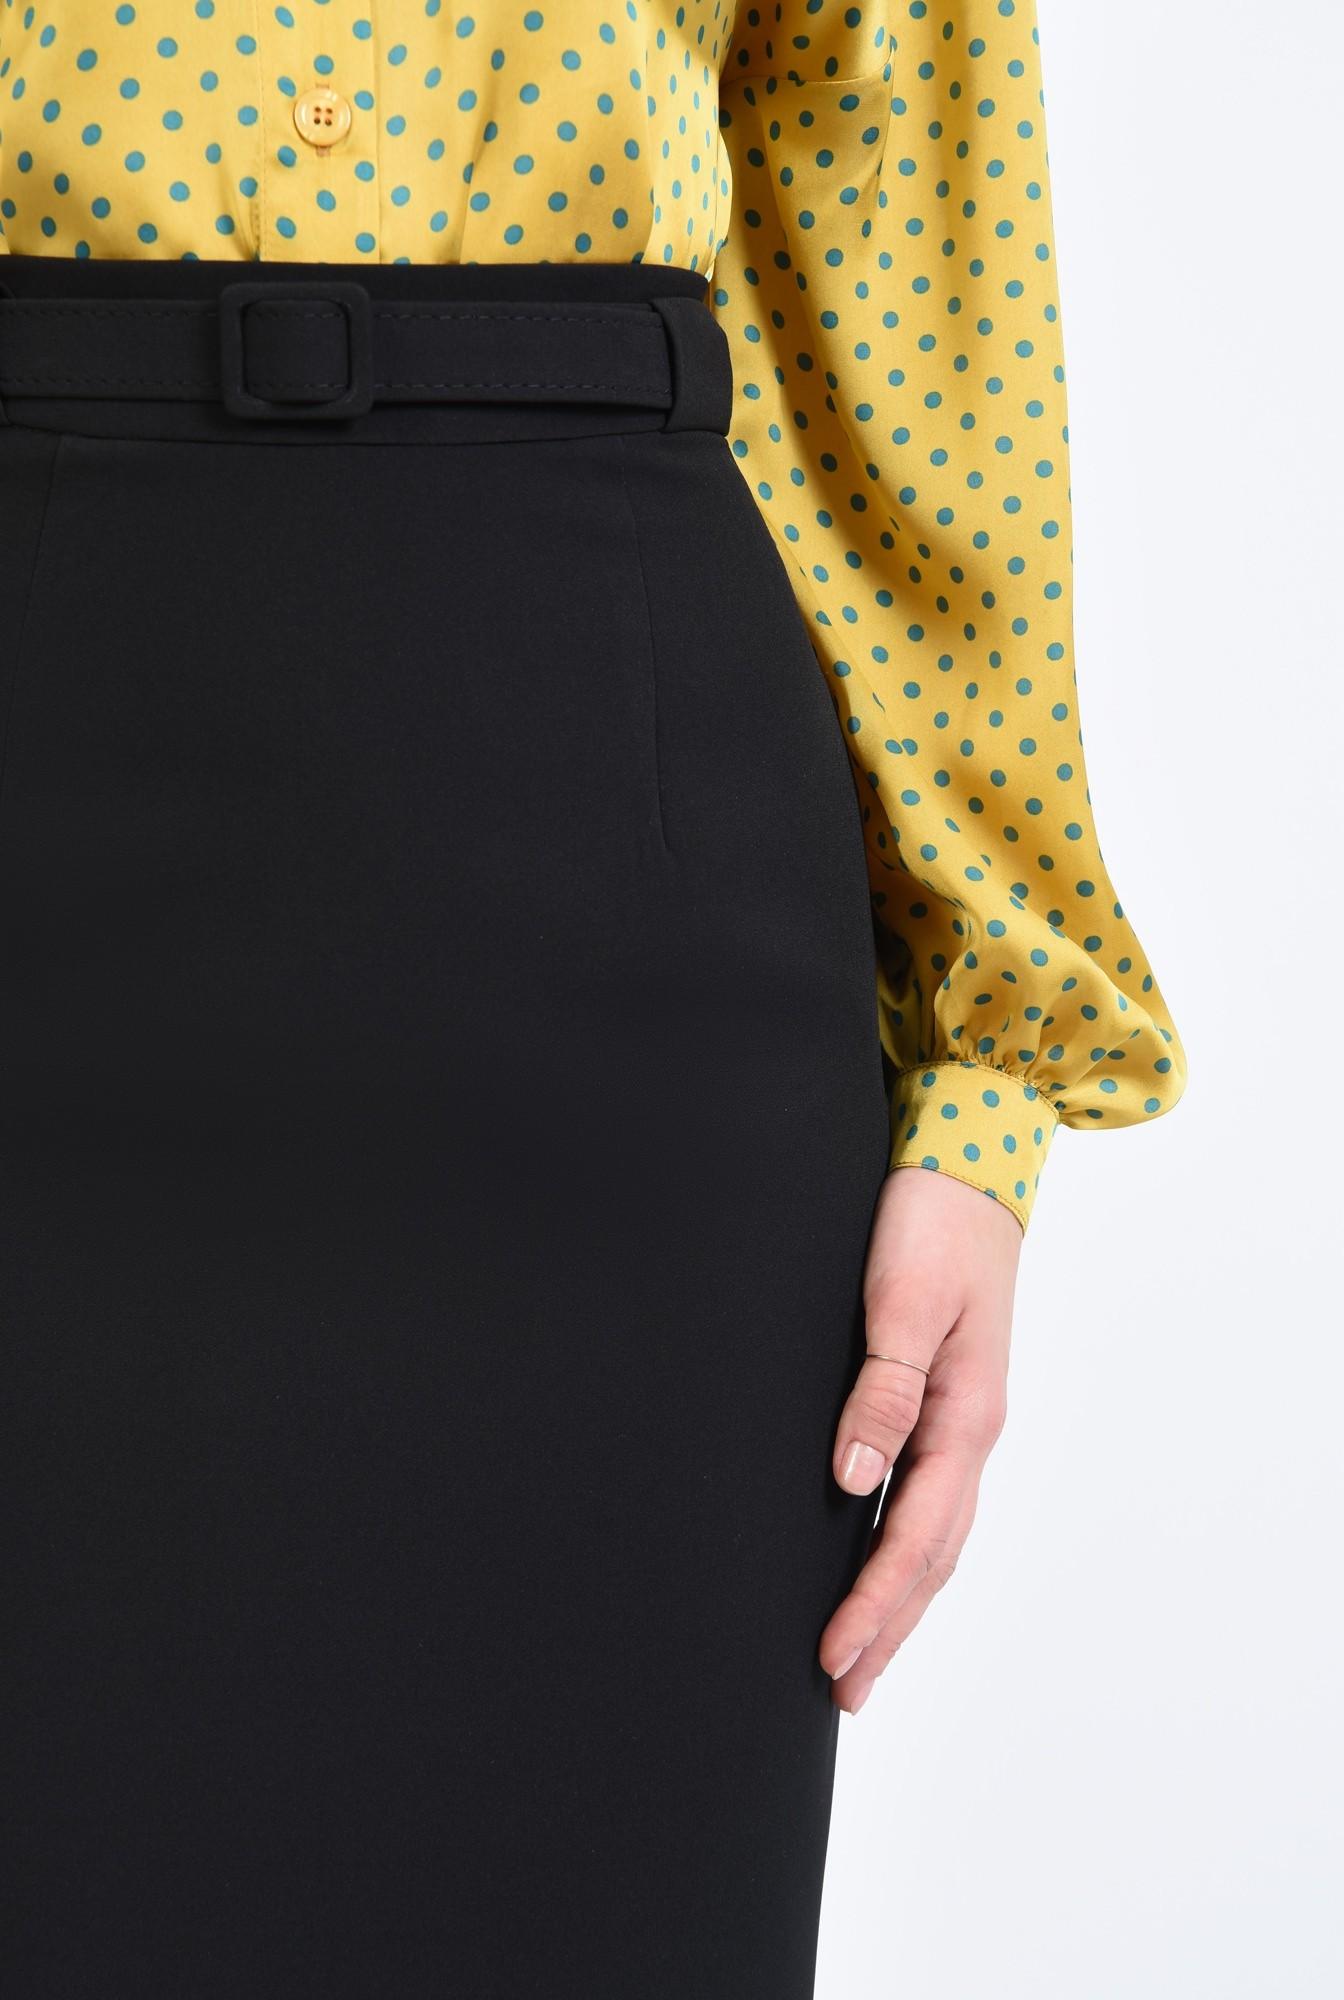 2 - fusta de zi, neagra, tigareta, cu centura, midi, basic, fusta casual